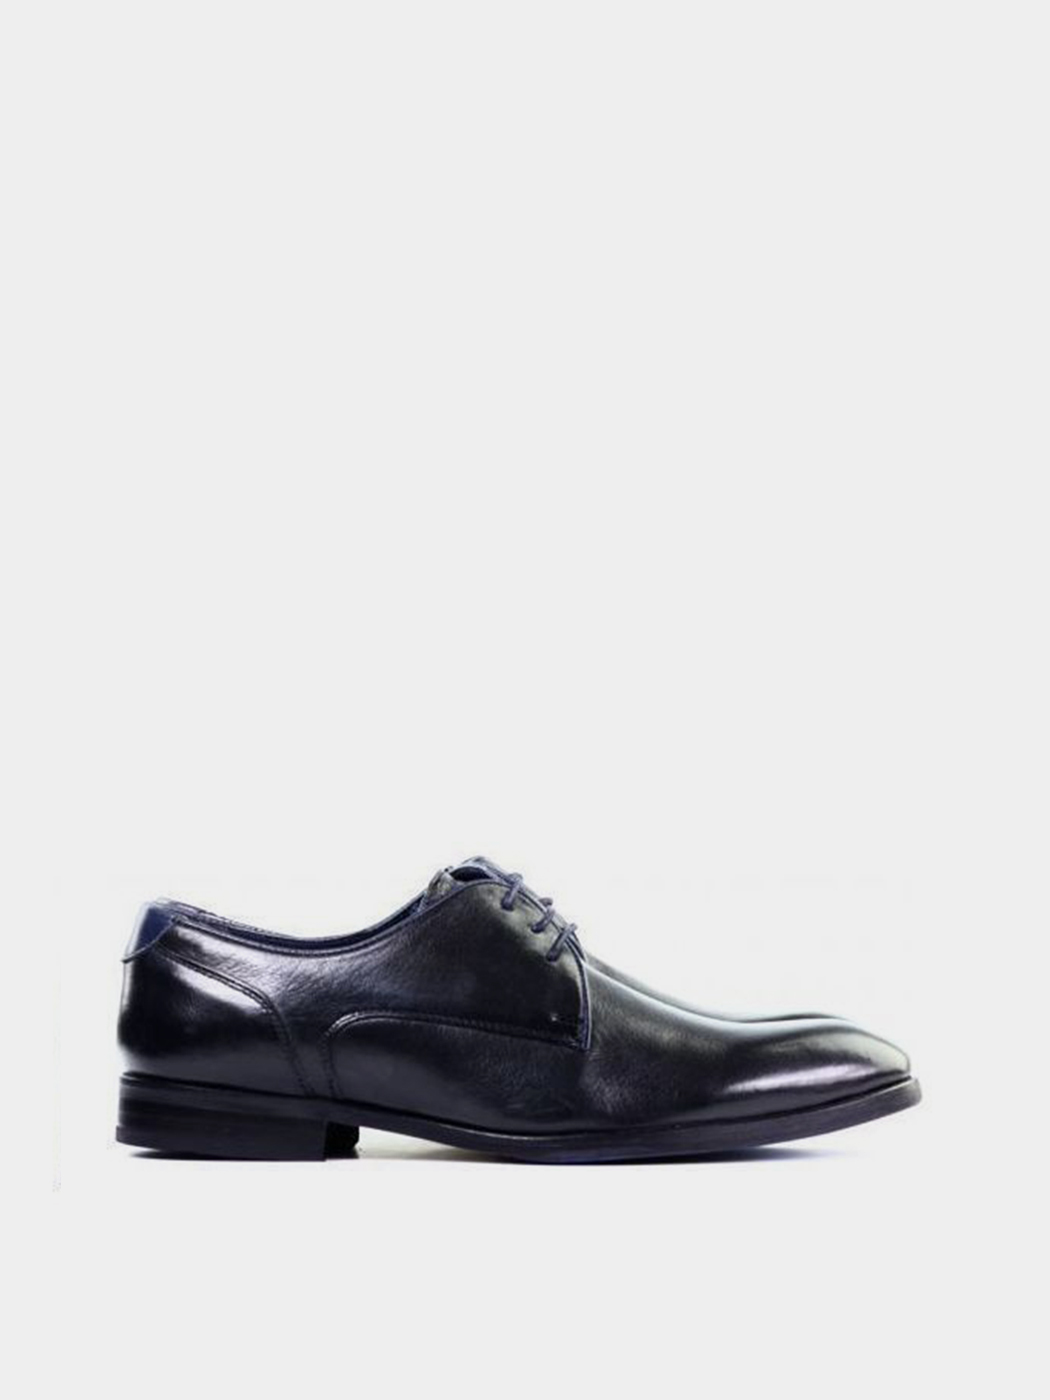 Полуботинки мужские Braska BR1311 размерная сетка обуви, 2017